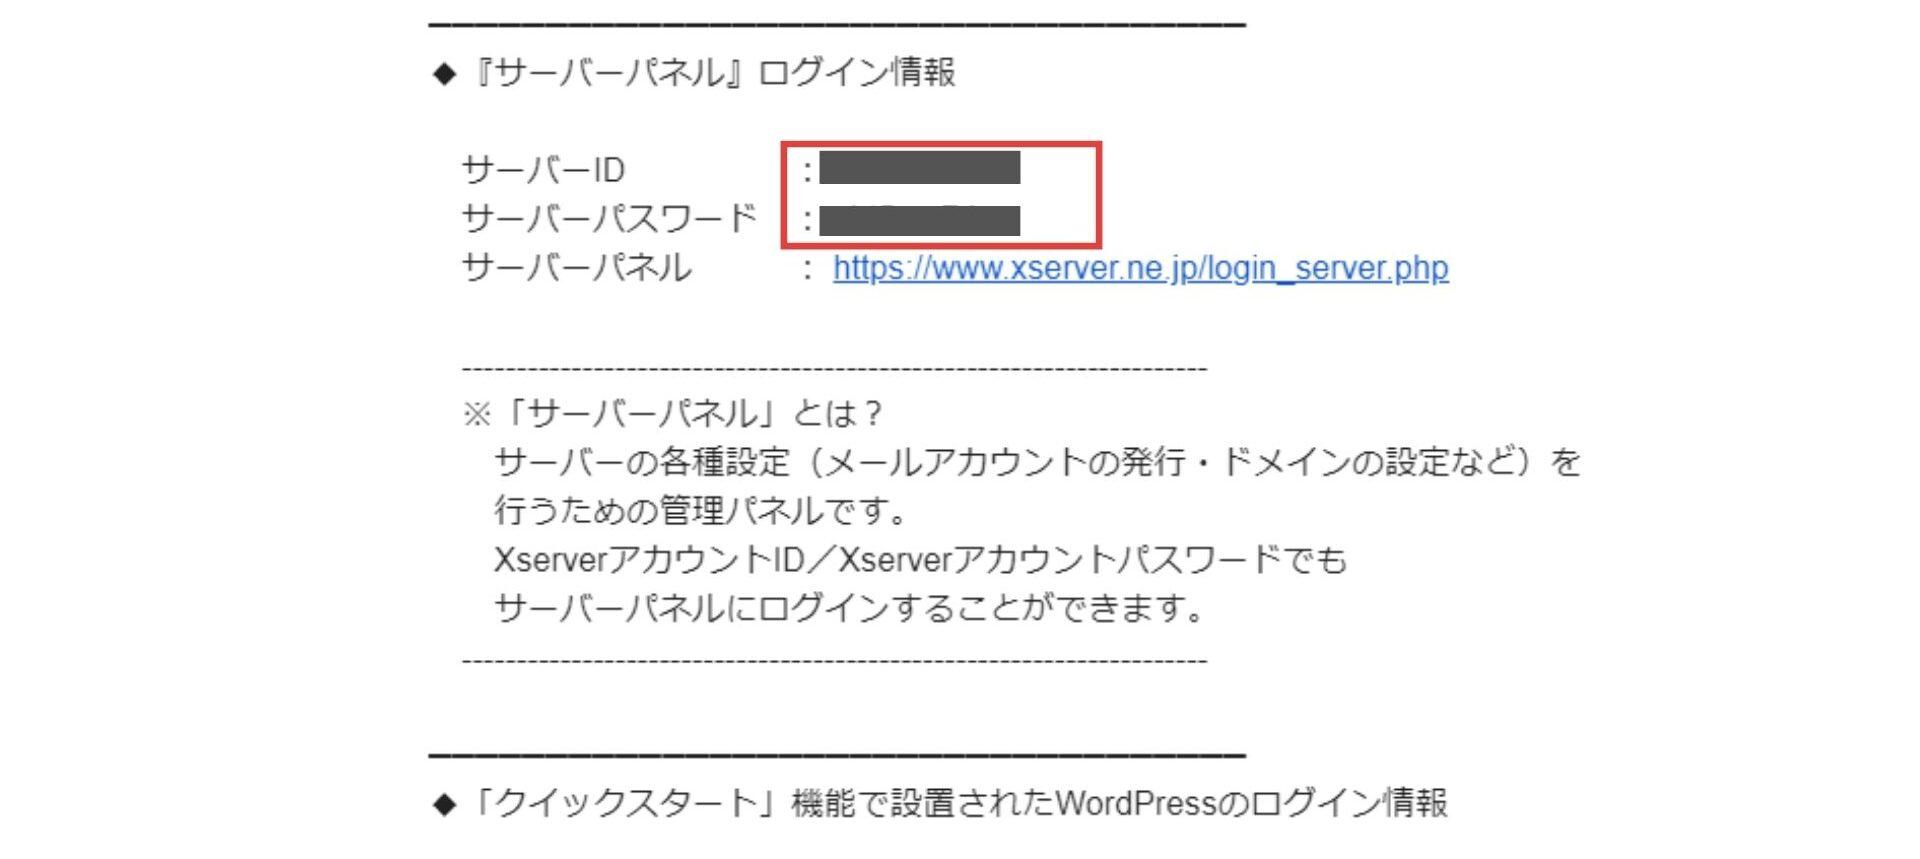 1.「設定完了のお知らせ」メールを開いて『サーバーチャンネル』にアクセス